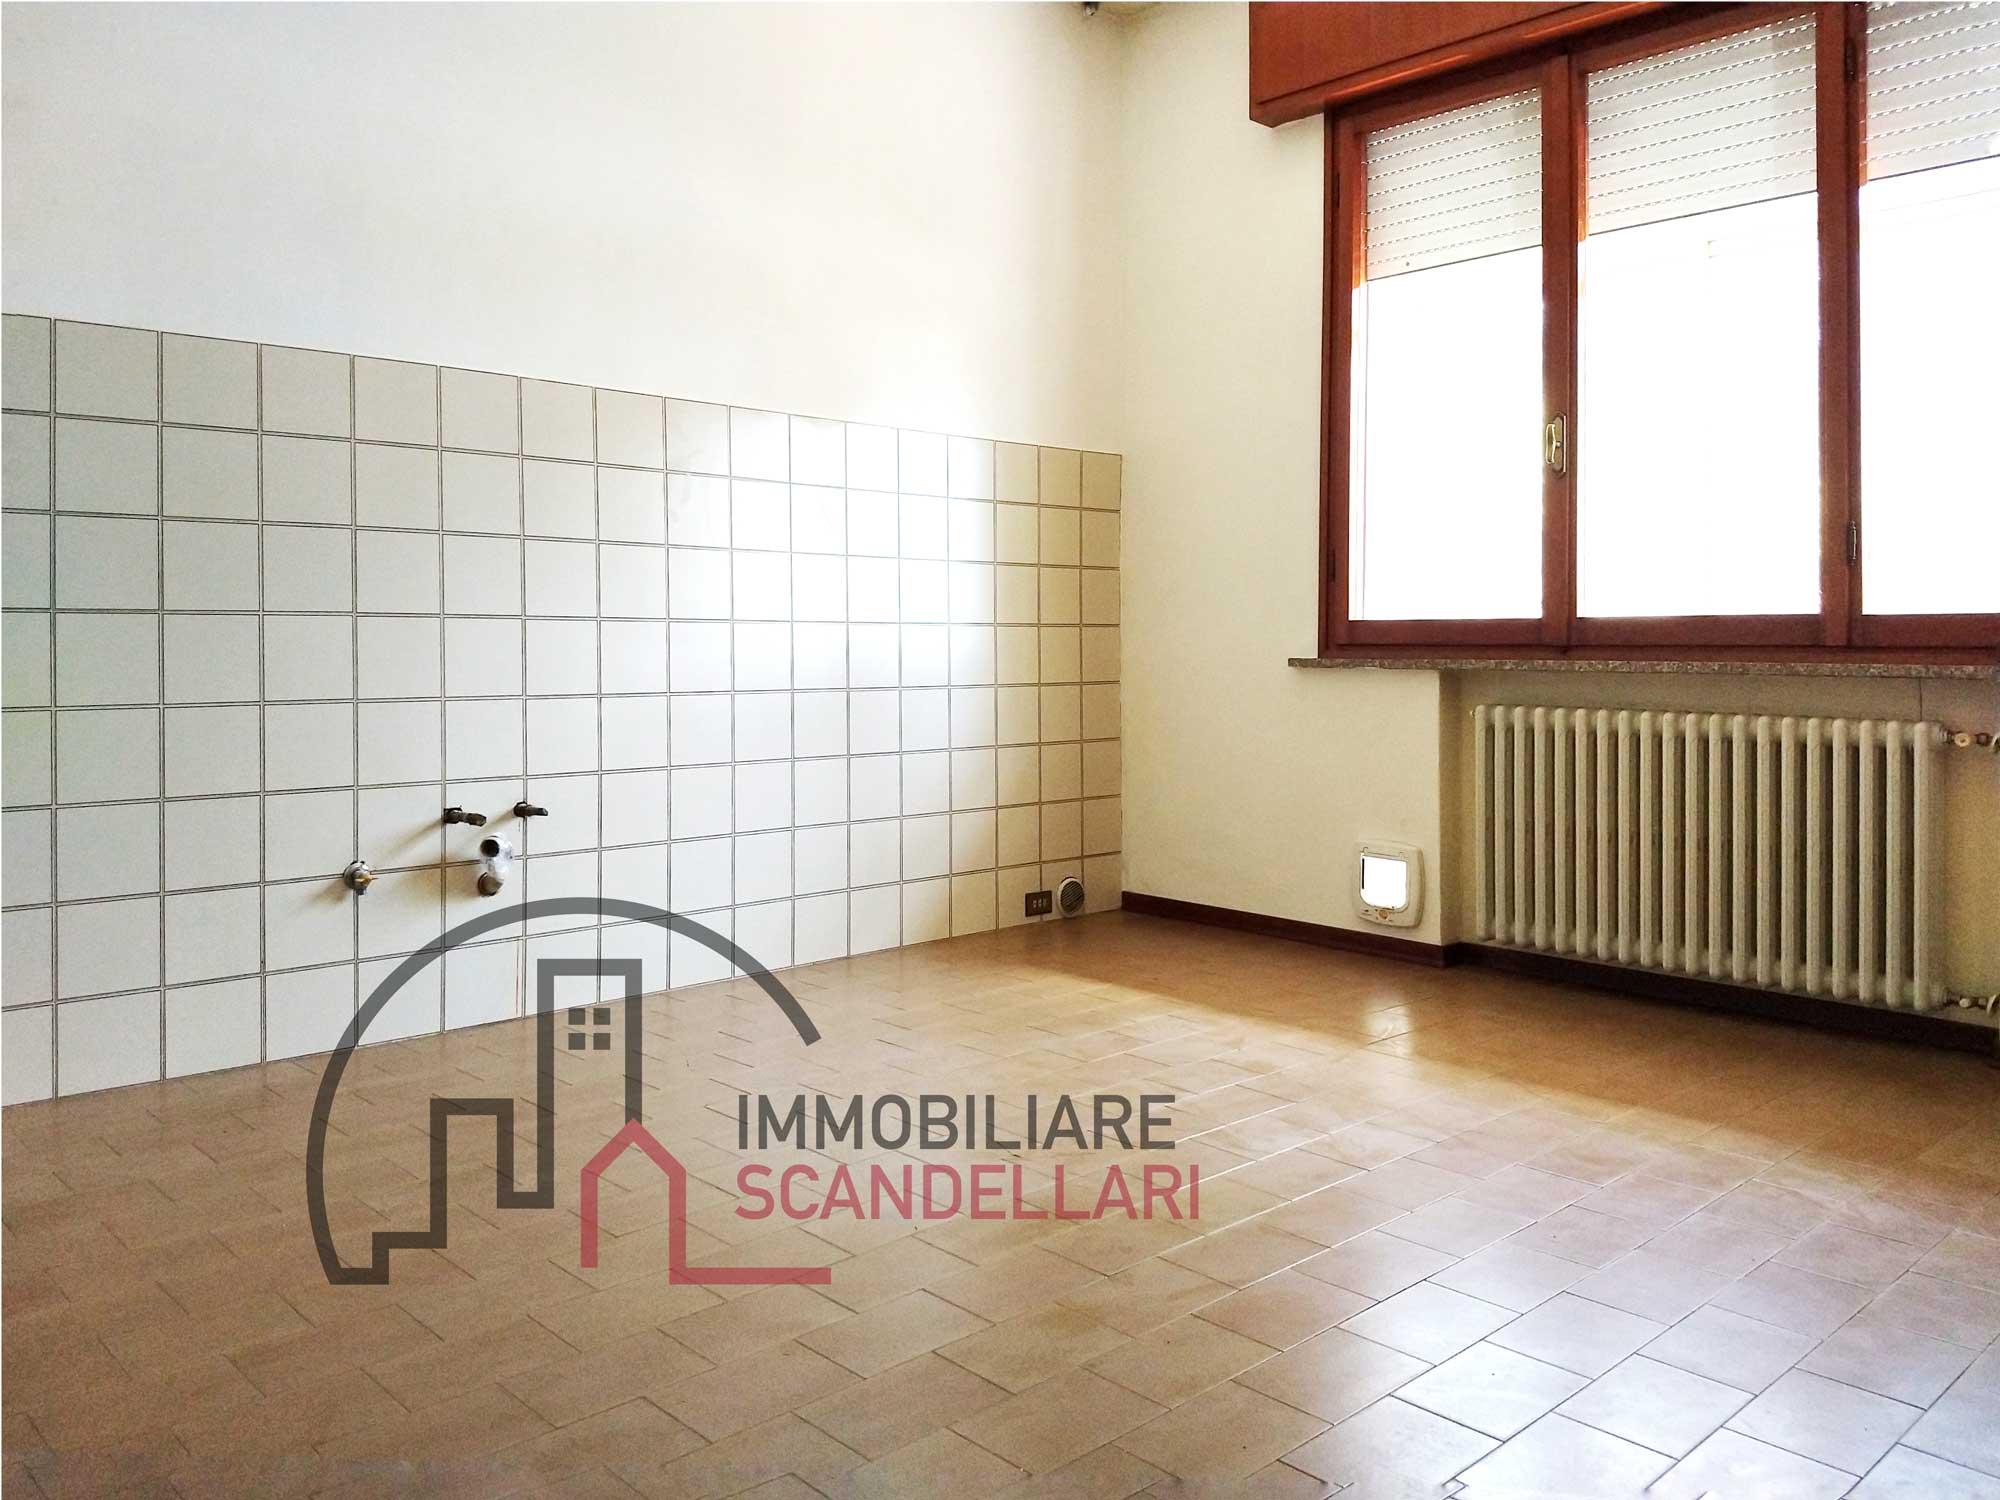 Rimini - Fiera Vecchia - Appartamento in bifamiliare - Immobiliare Scandellari